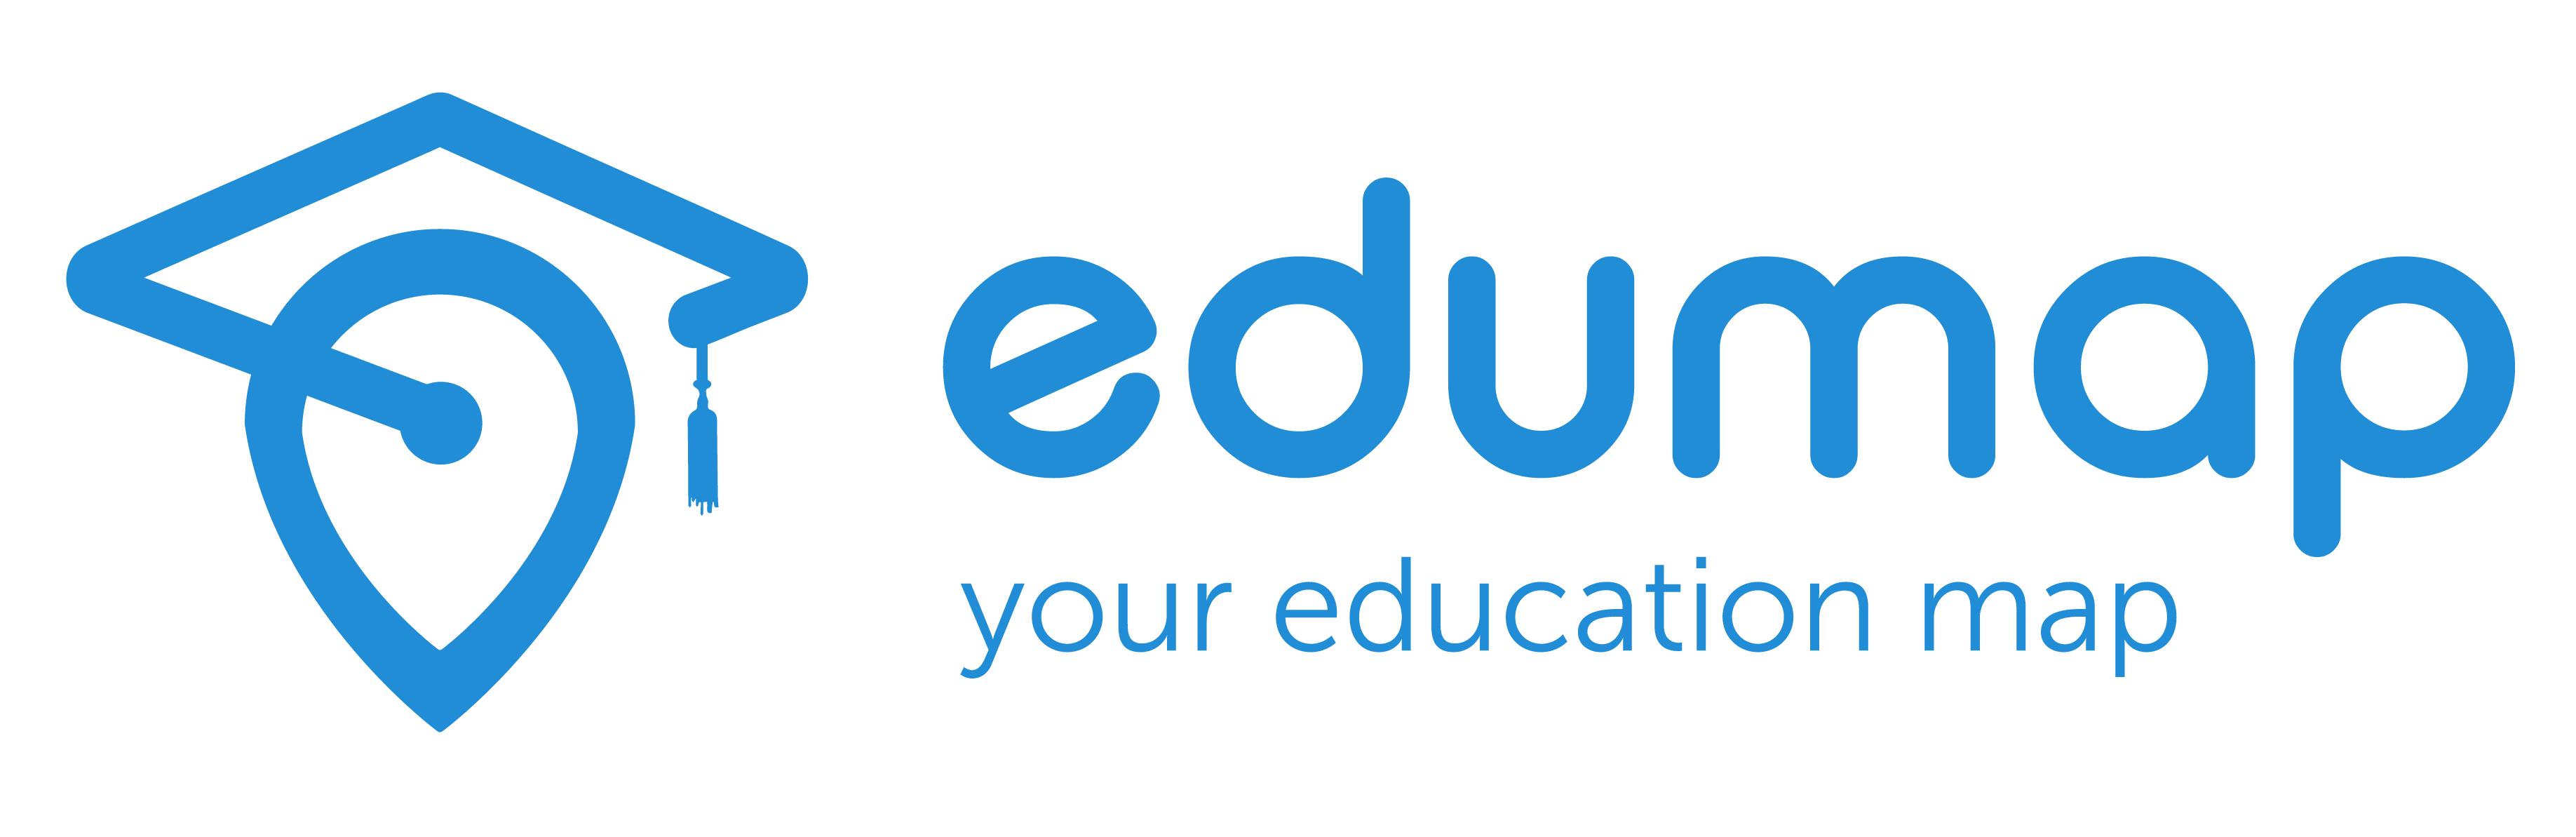 logo for random dude-01 - Copy